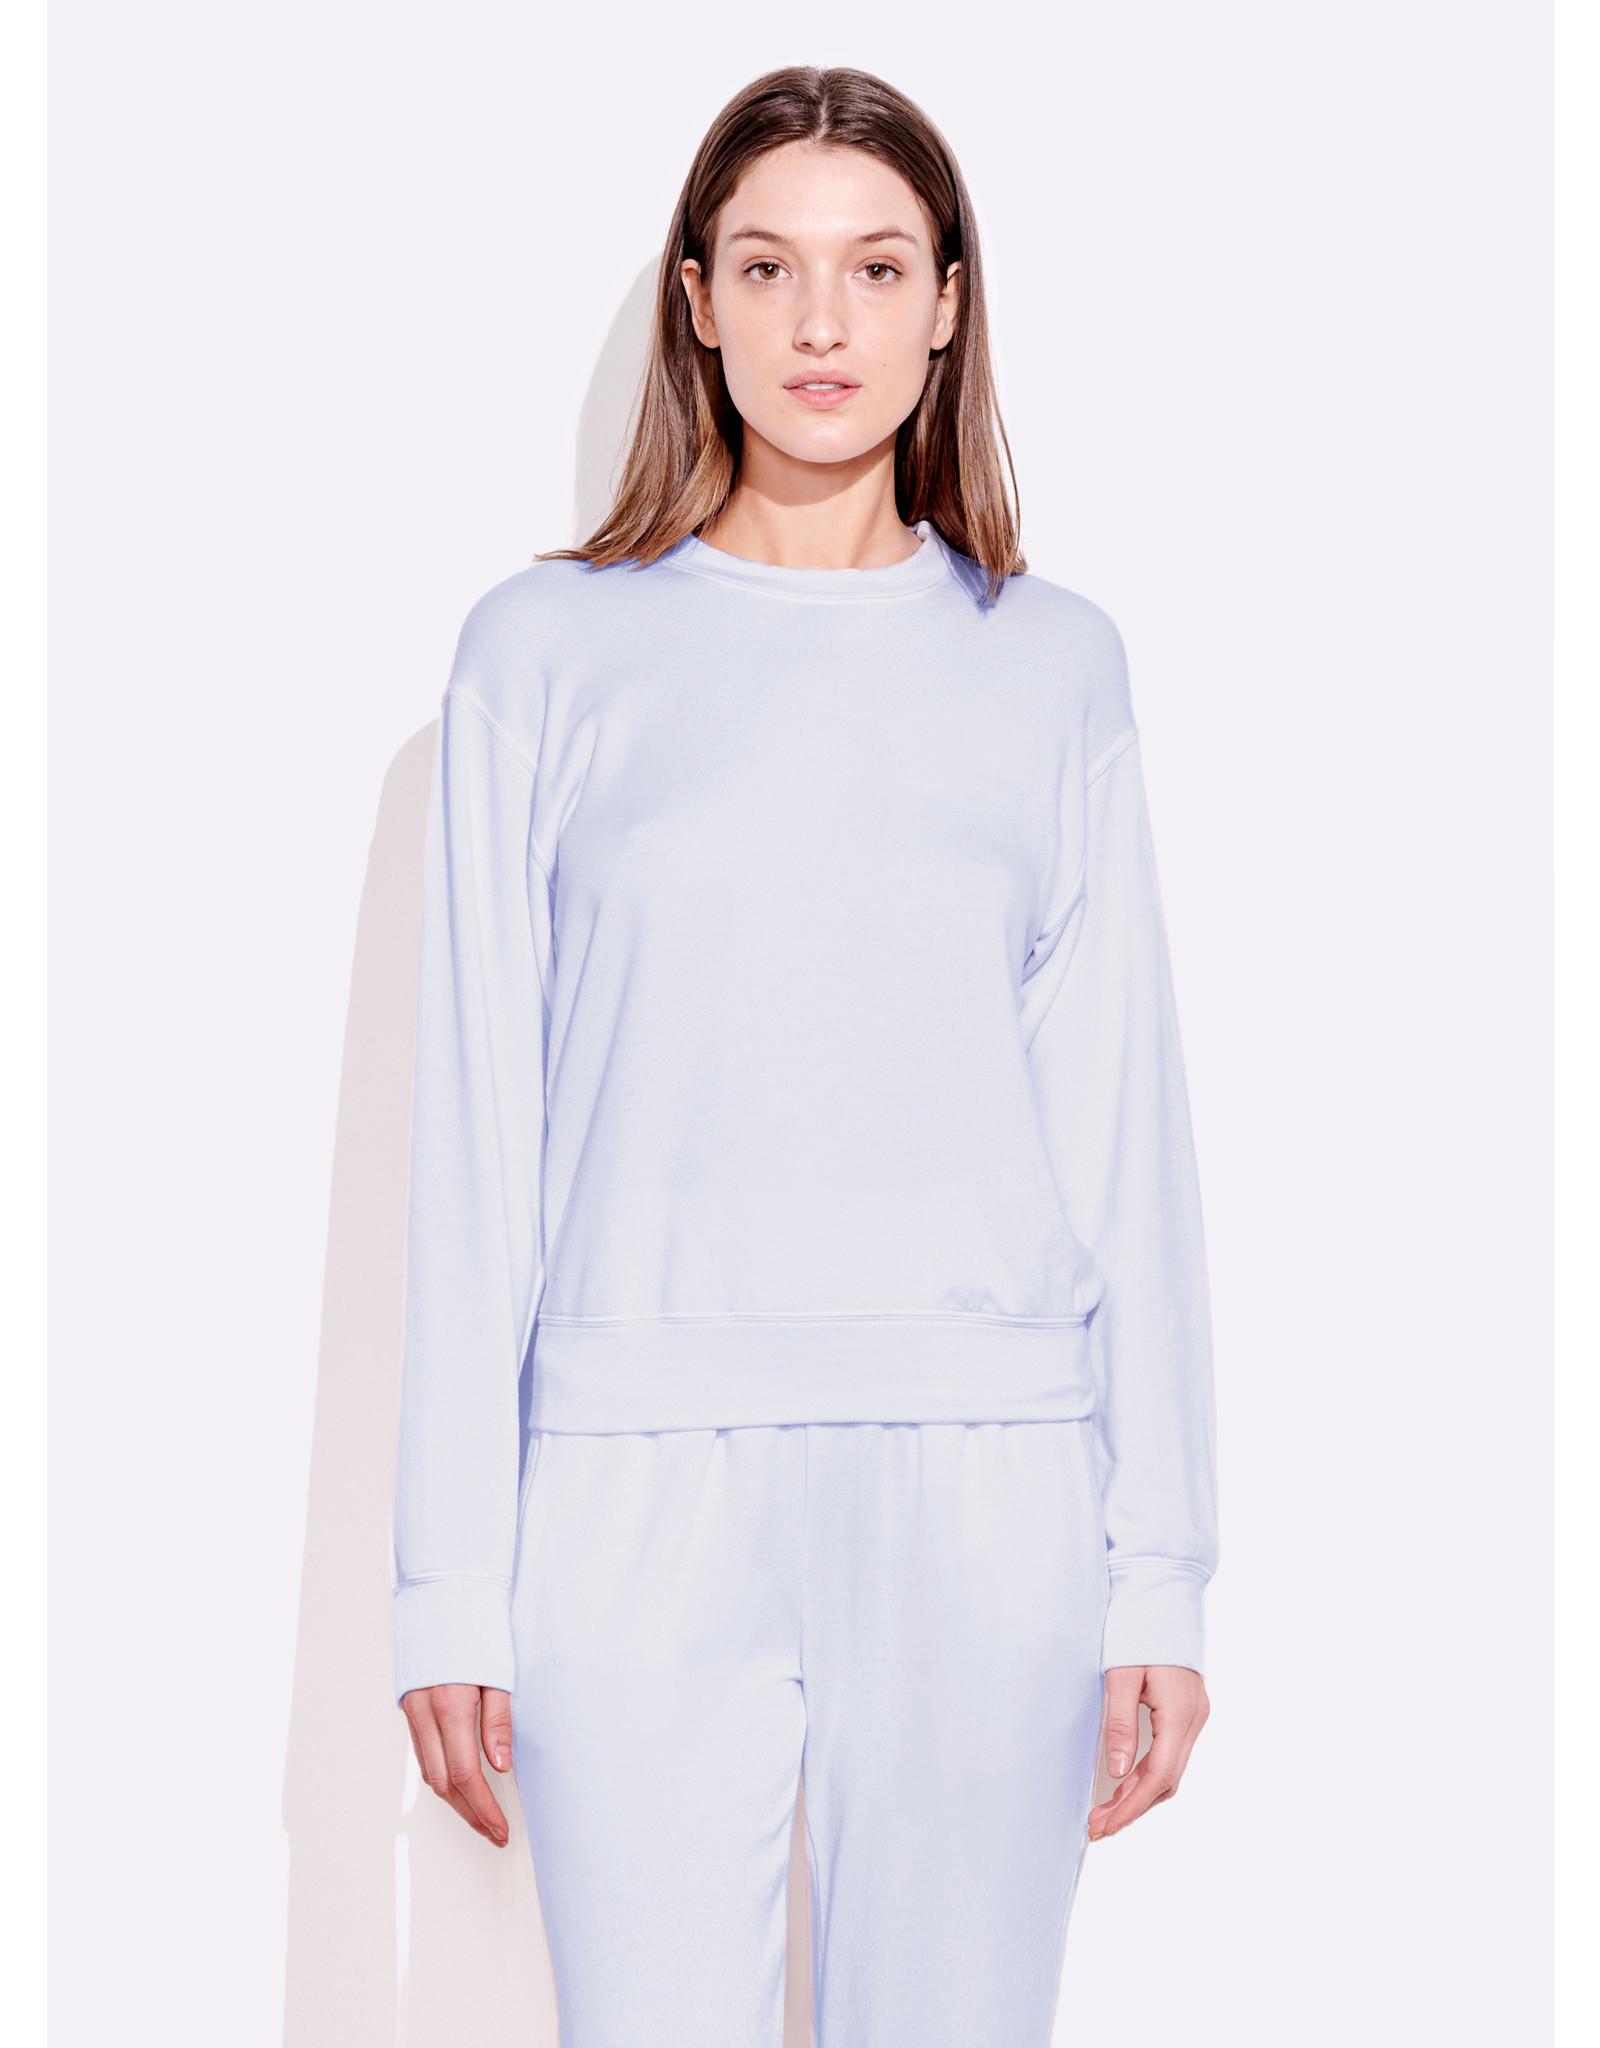 Sundry Sundry Basic Sweatshirt